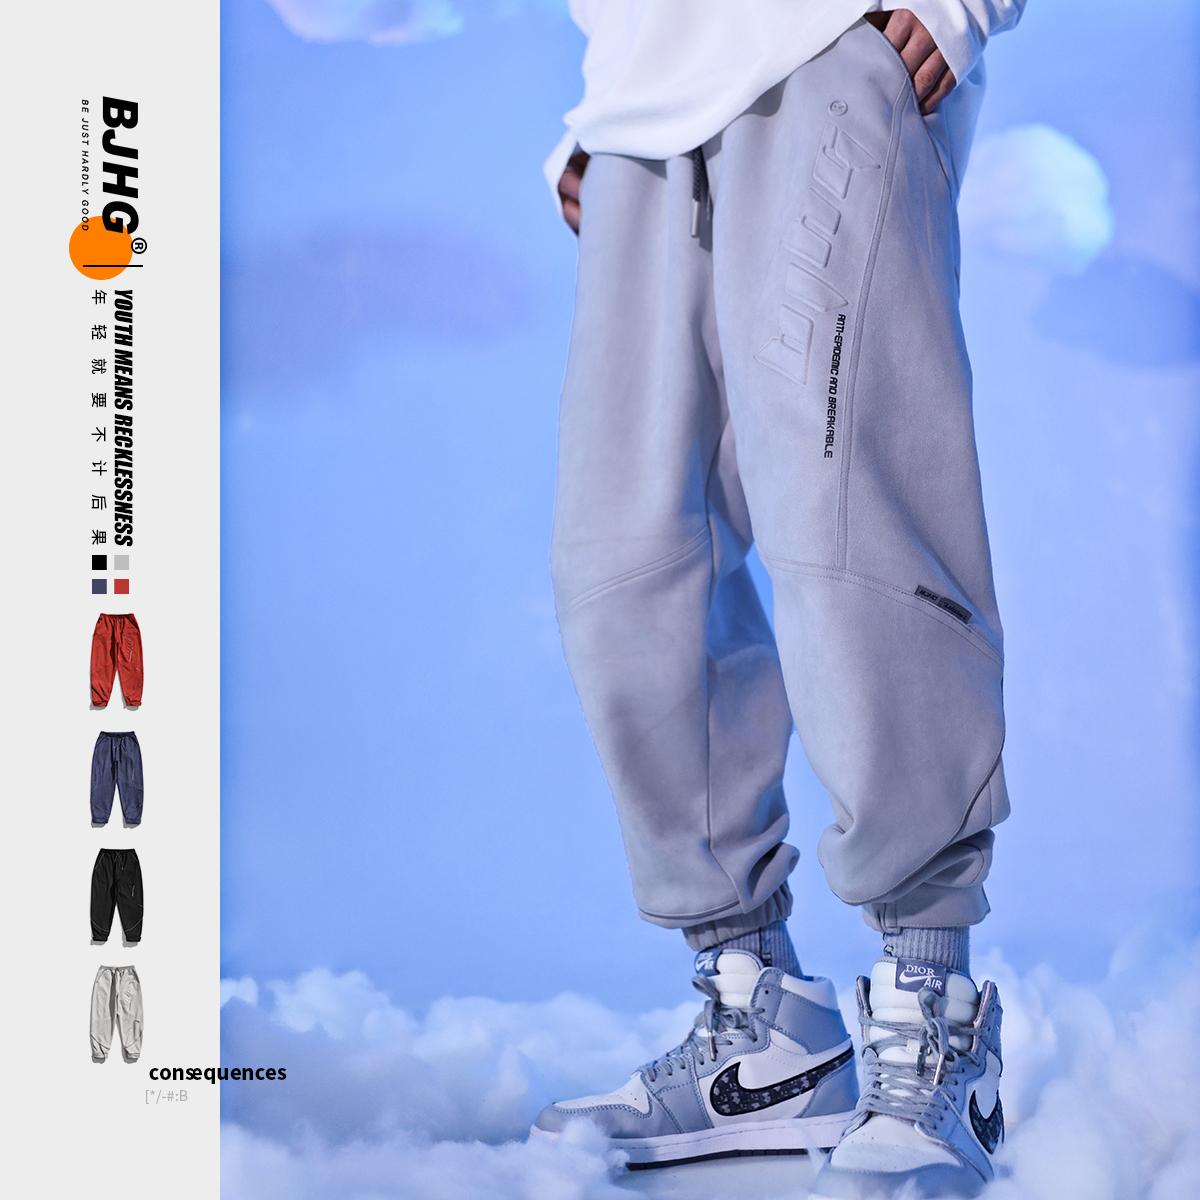 【特价】BJHG自制春嘻哈长裤束脚裤男潮牌欧美街头宽松休闲哈伦裤